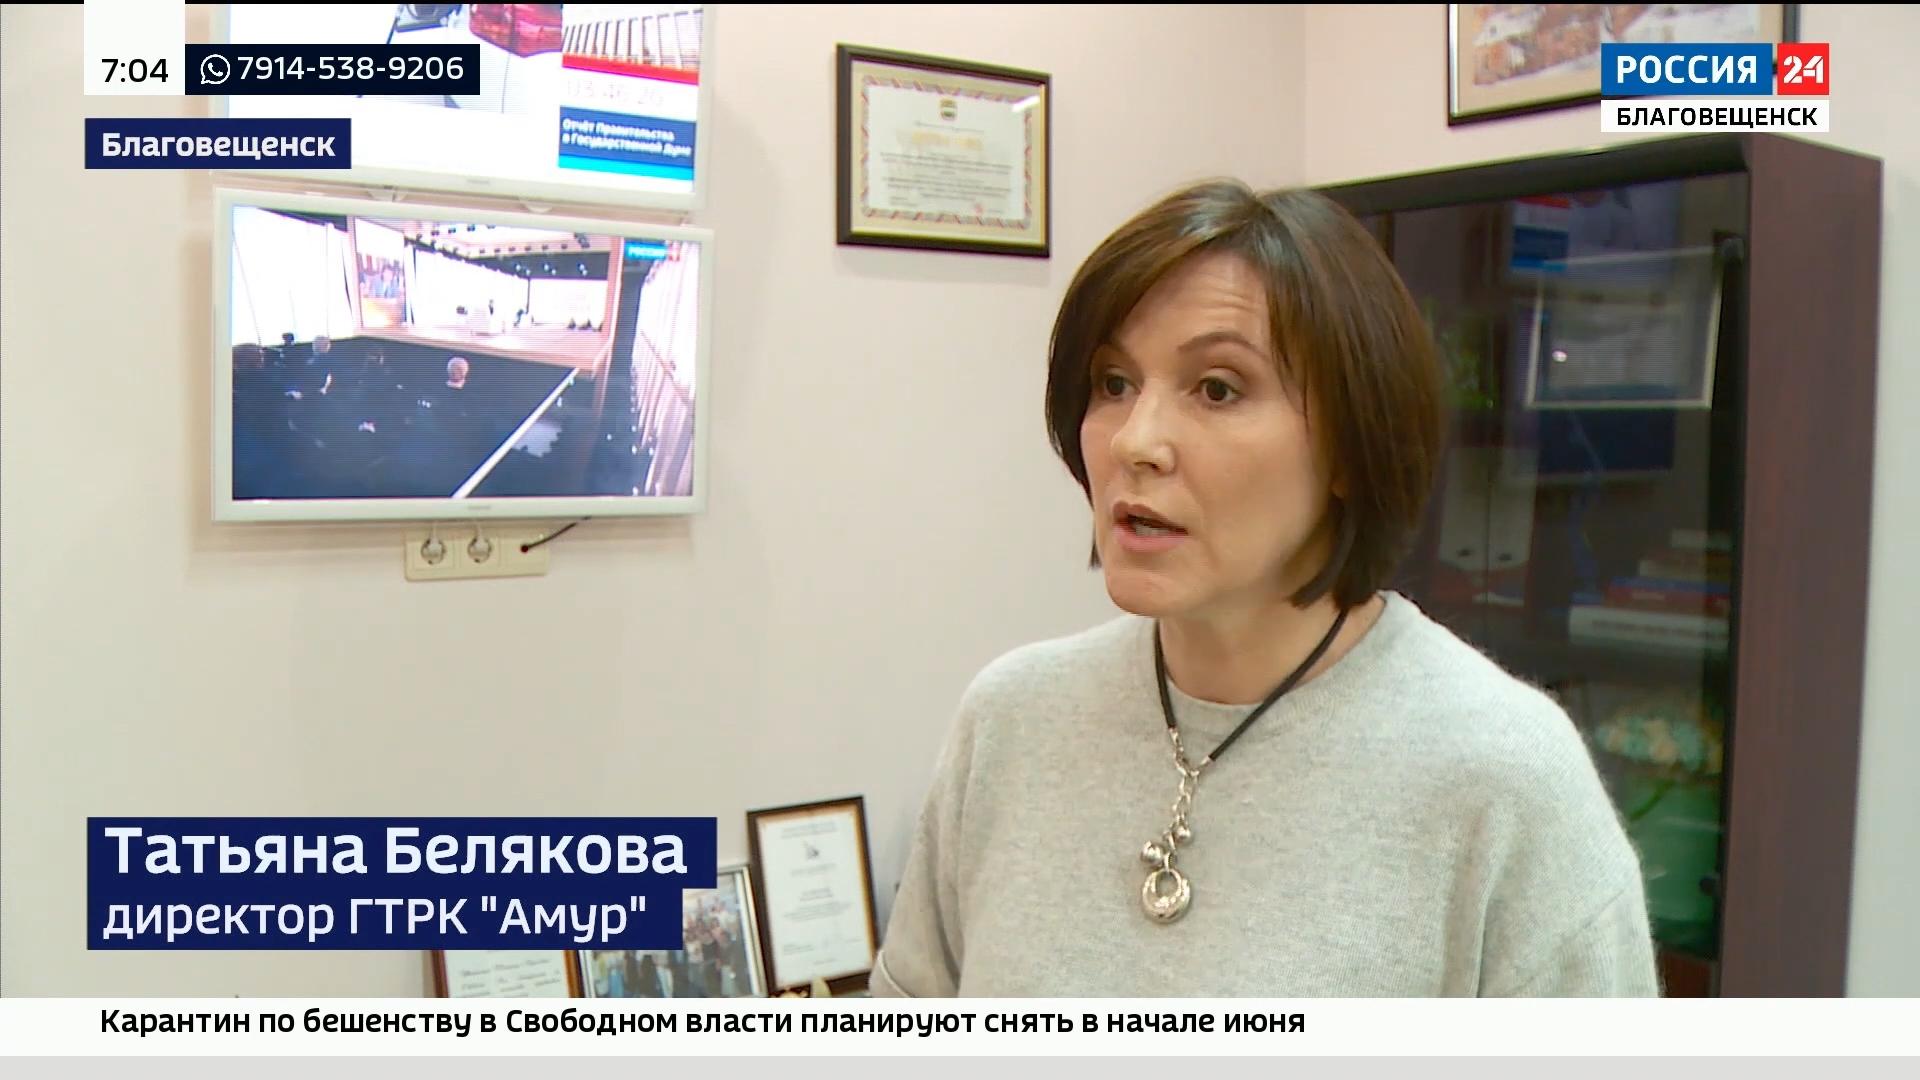 20210513_07-40--30 лет в эфире- сегодня ВГТРК празднует юбилей «Вестей»-pic09